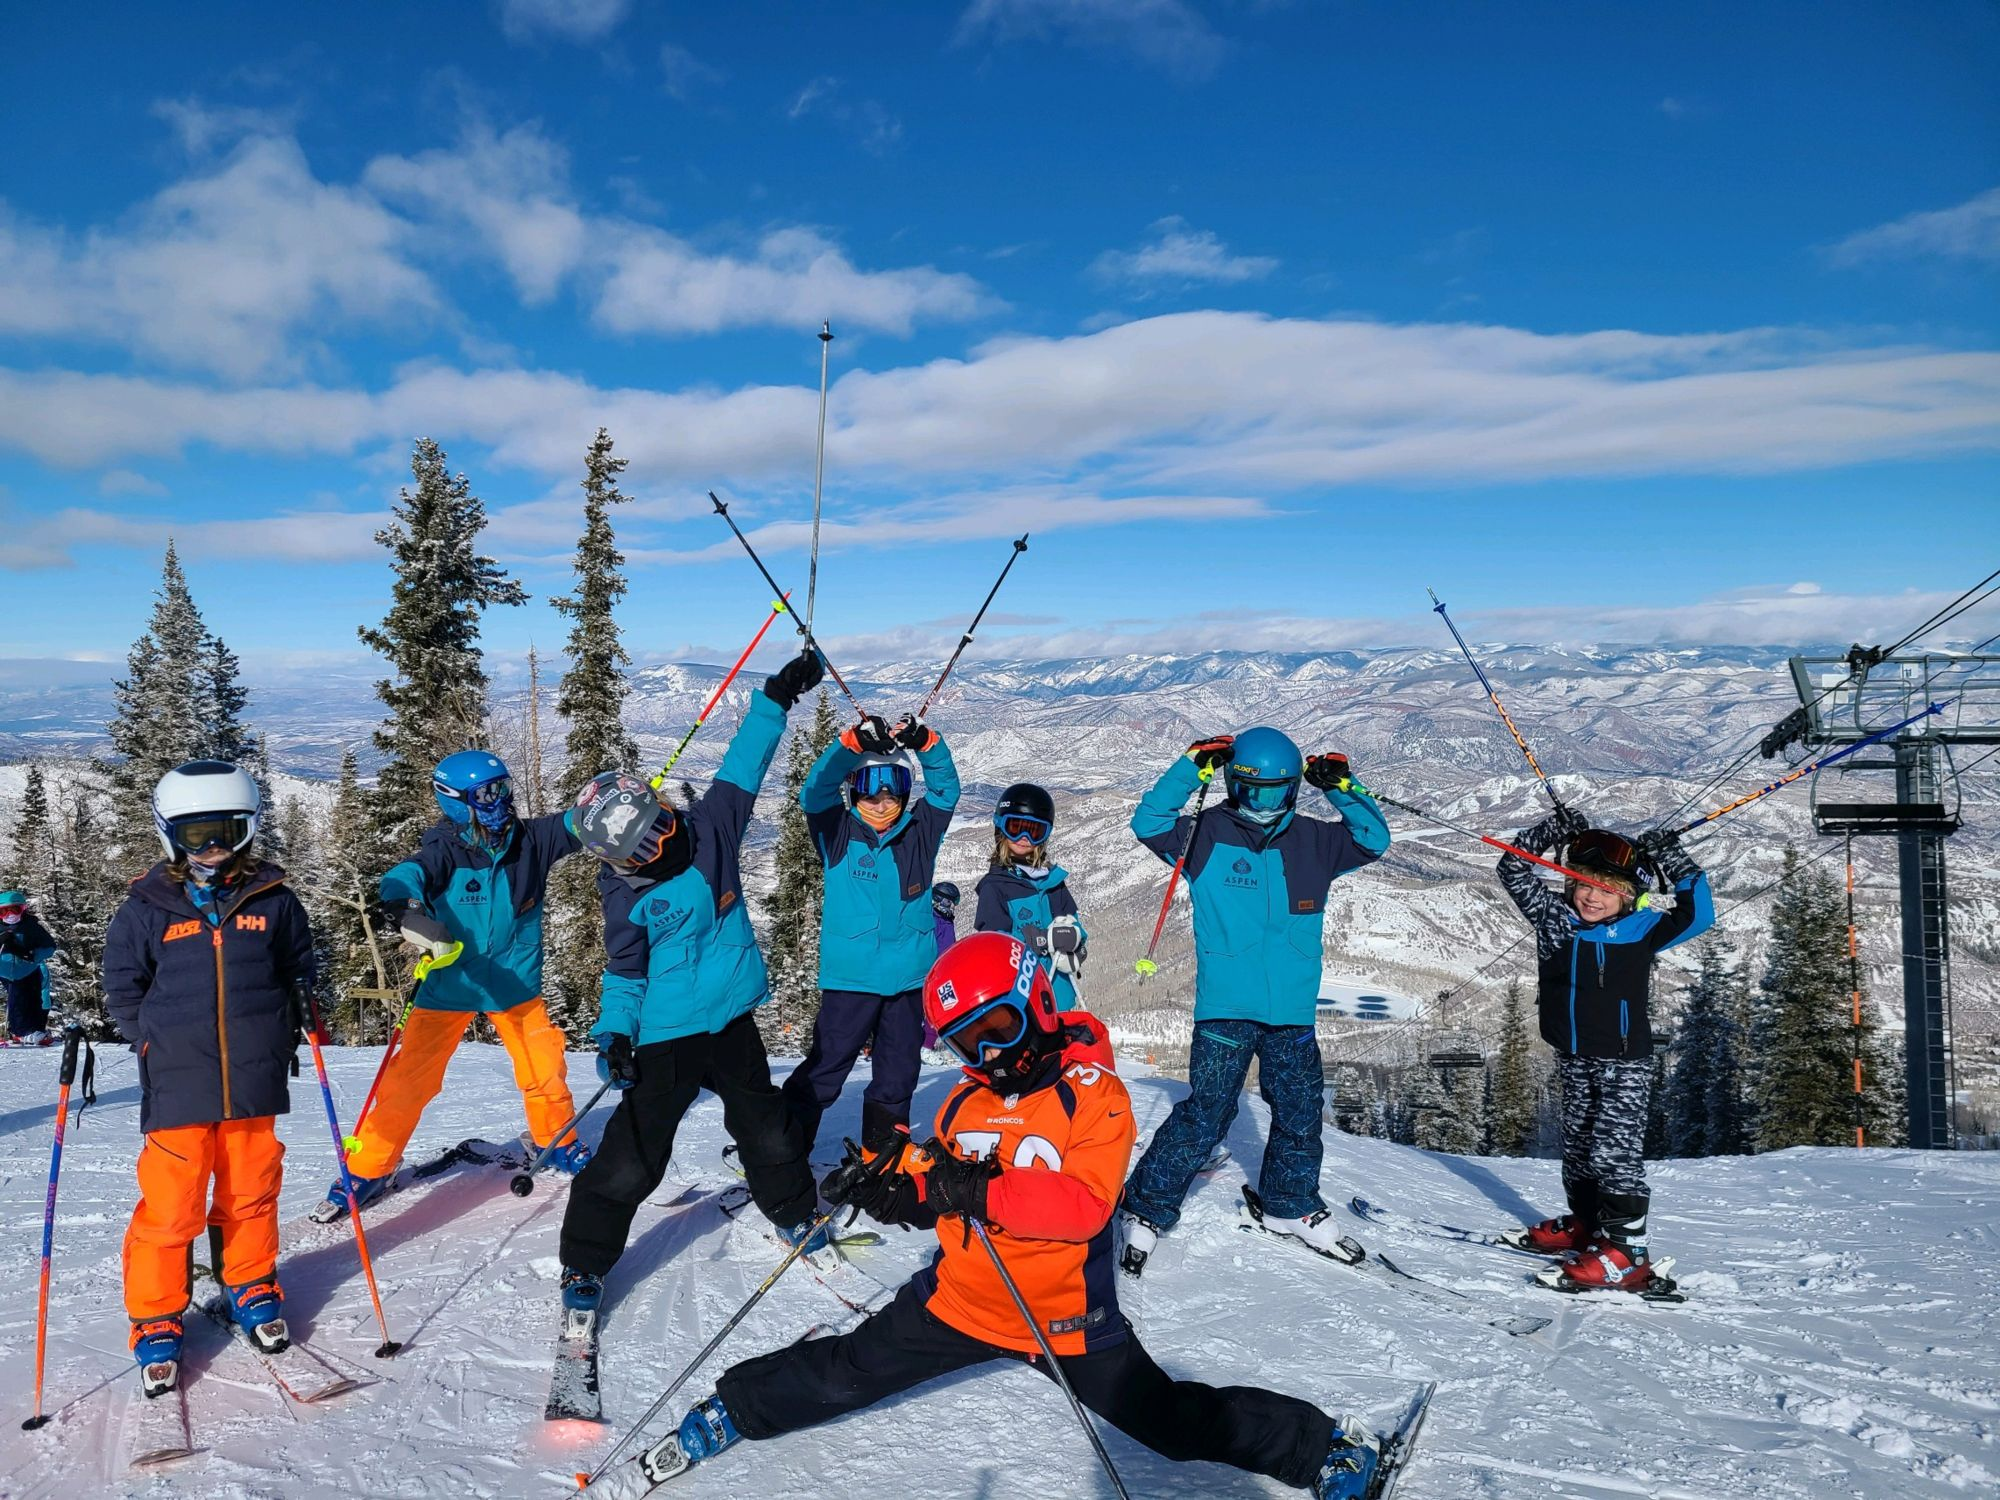 AVSC Alpine ski racers on Aspen Mountain